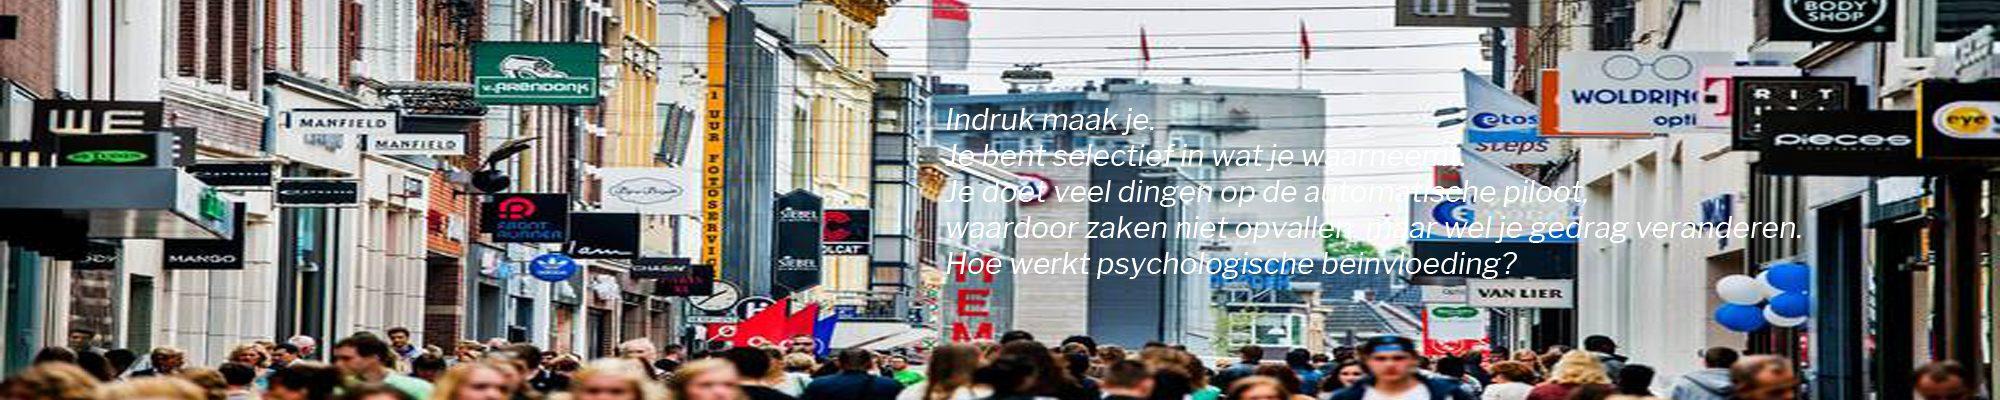 customer journey psychologische beinvloeding op website in de zaak en in gesprek. Leer overtuigen en klantsignalen op te pikken